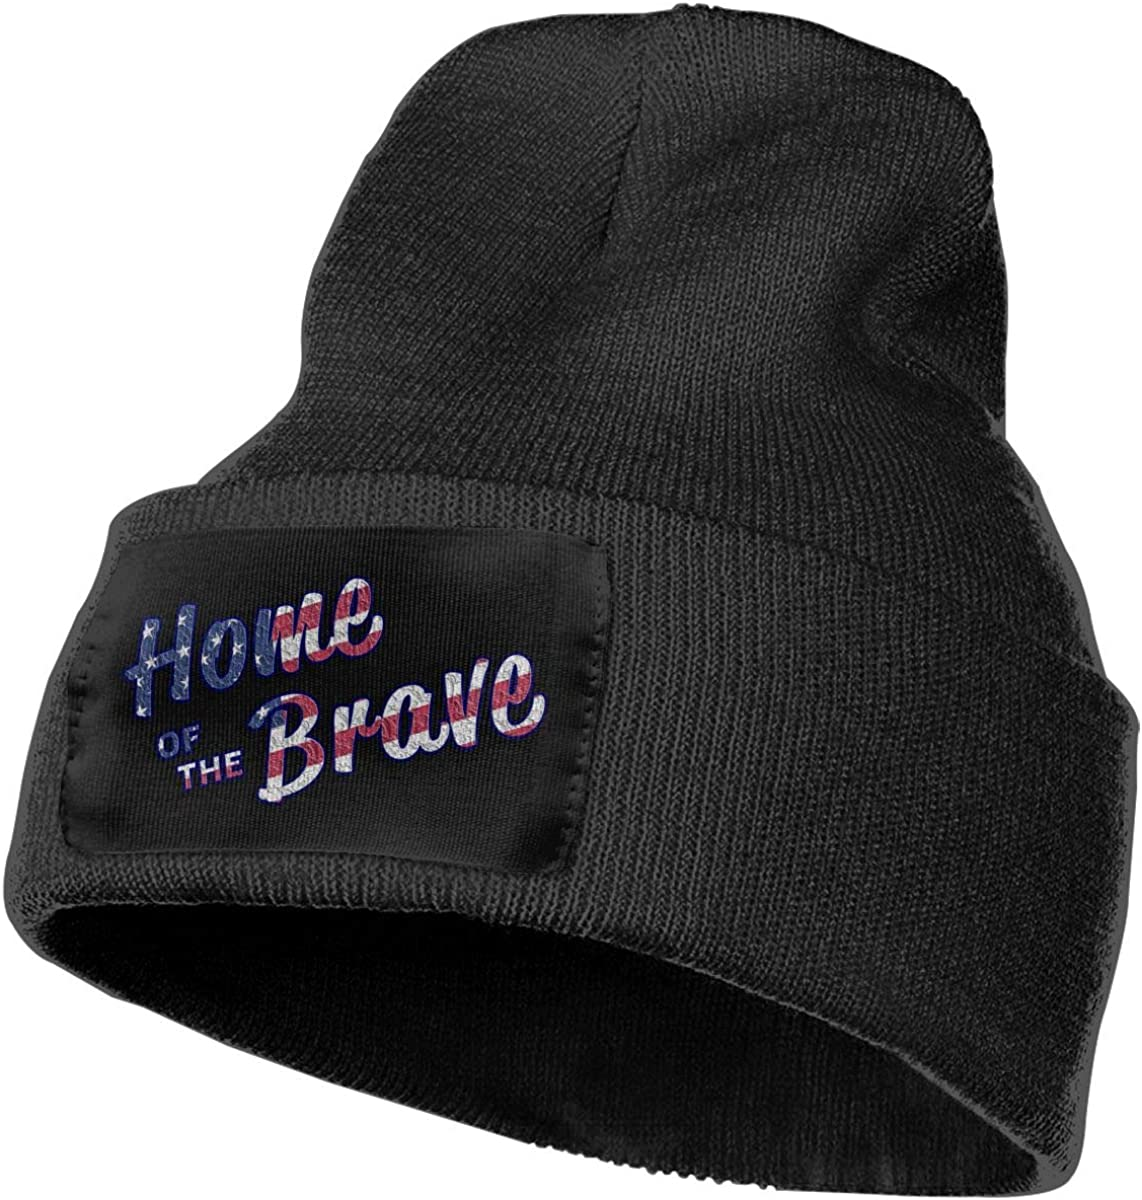 SLADDD1 Phrase Warm Winter Hat Knit Beanie Skull Cap Cuff Beanie Hat Winter Hats for Men /& Women